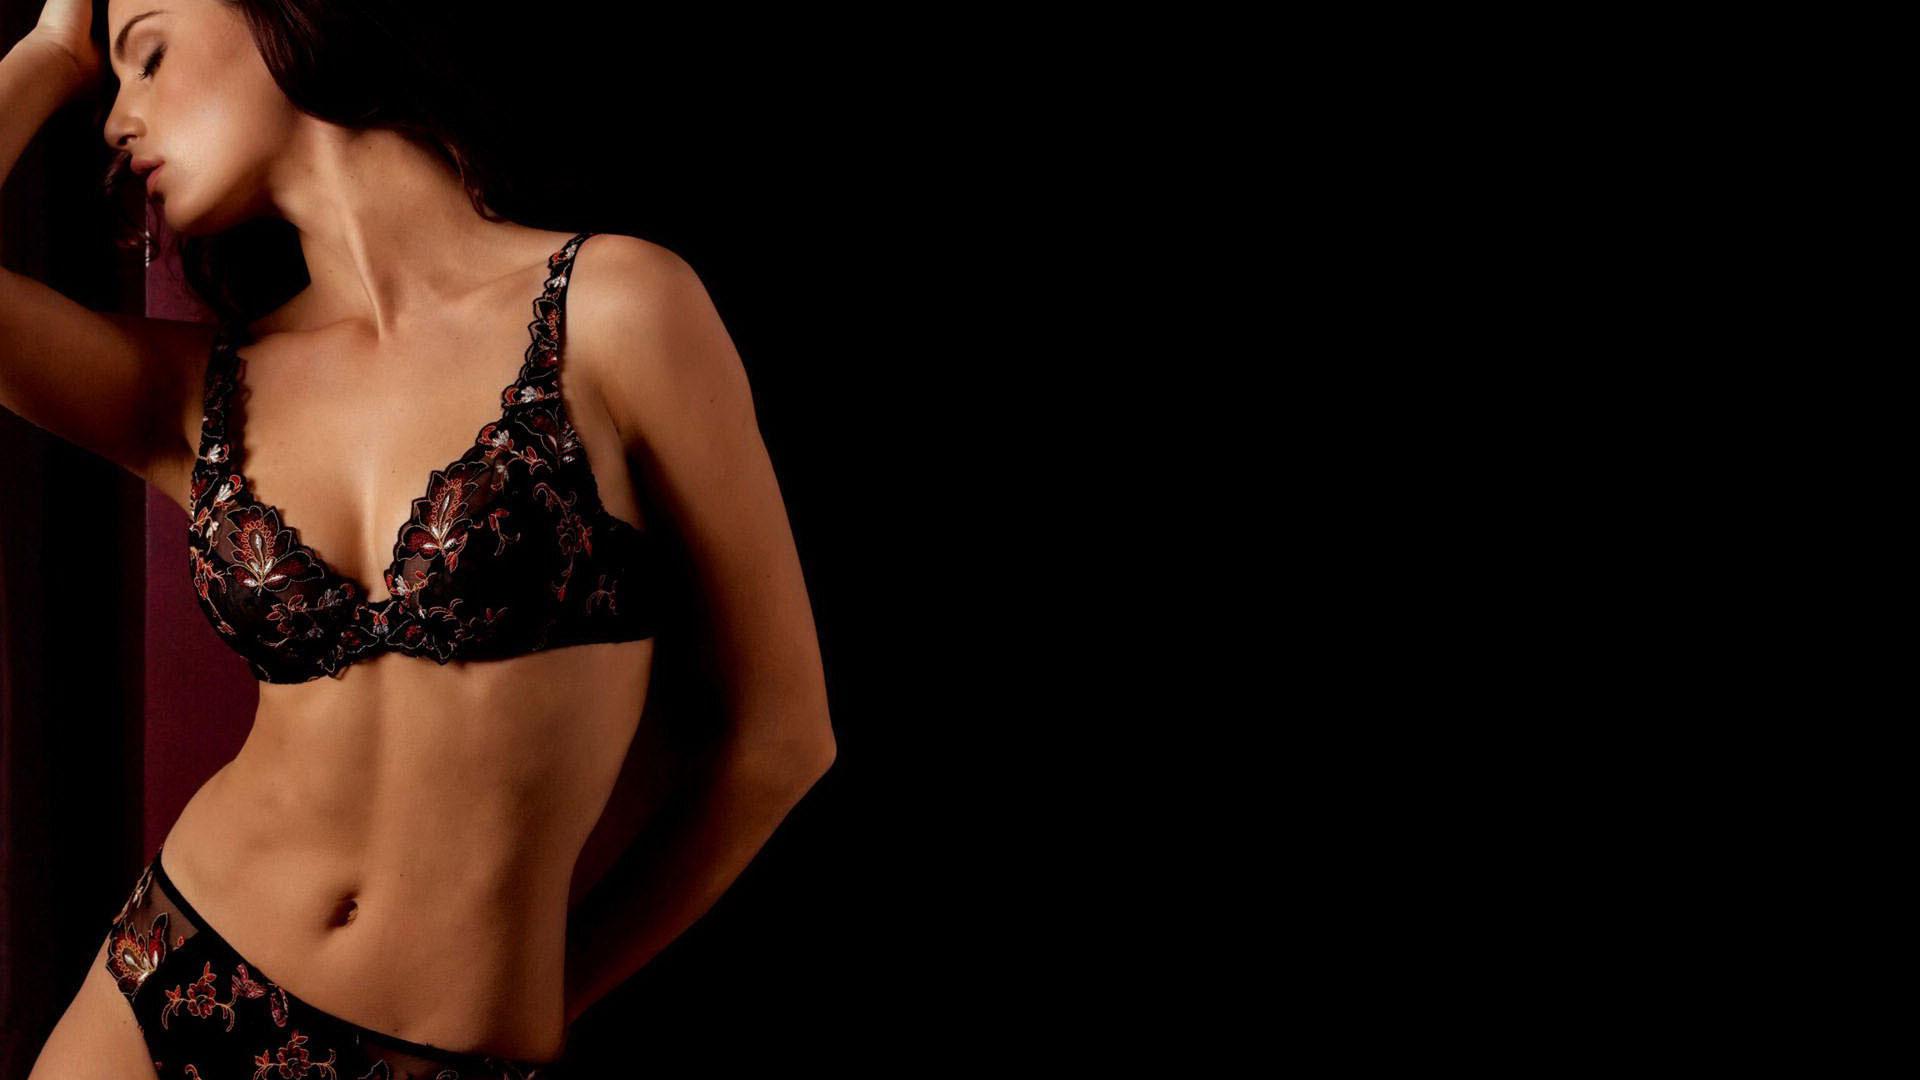 Сексуальное белье обои случай на массажер